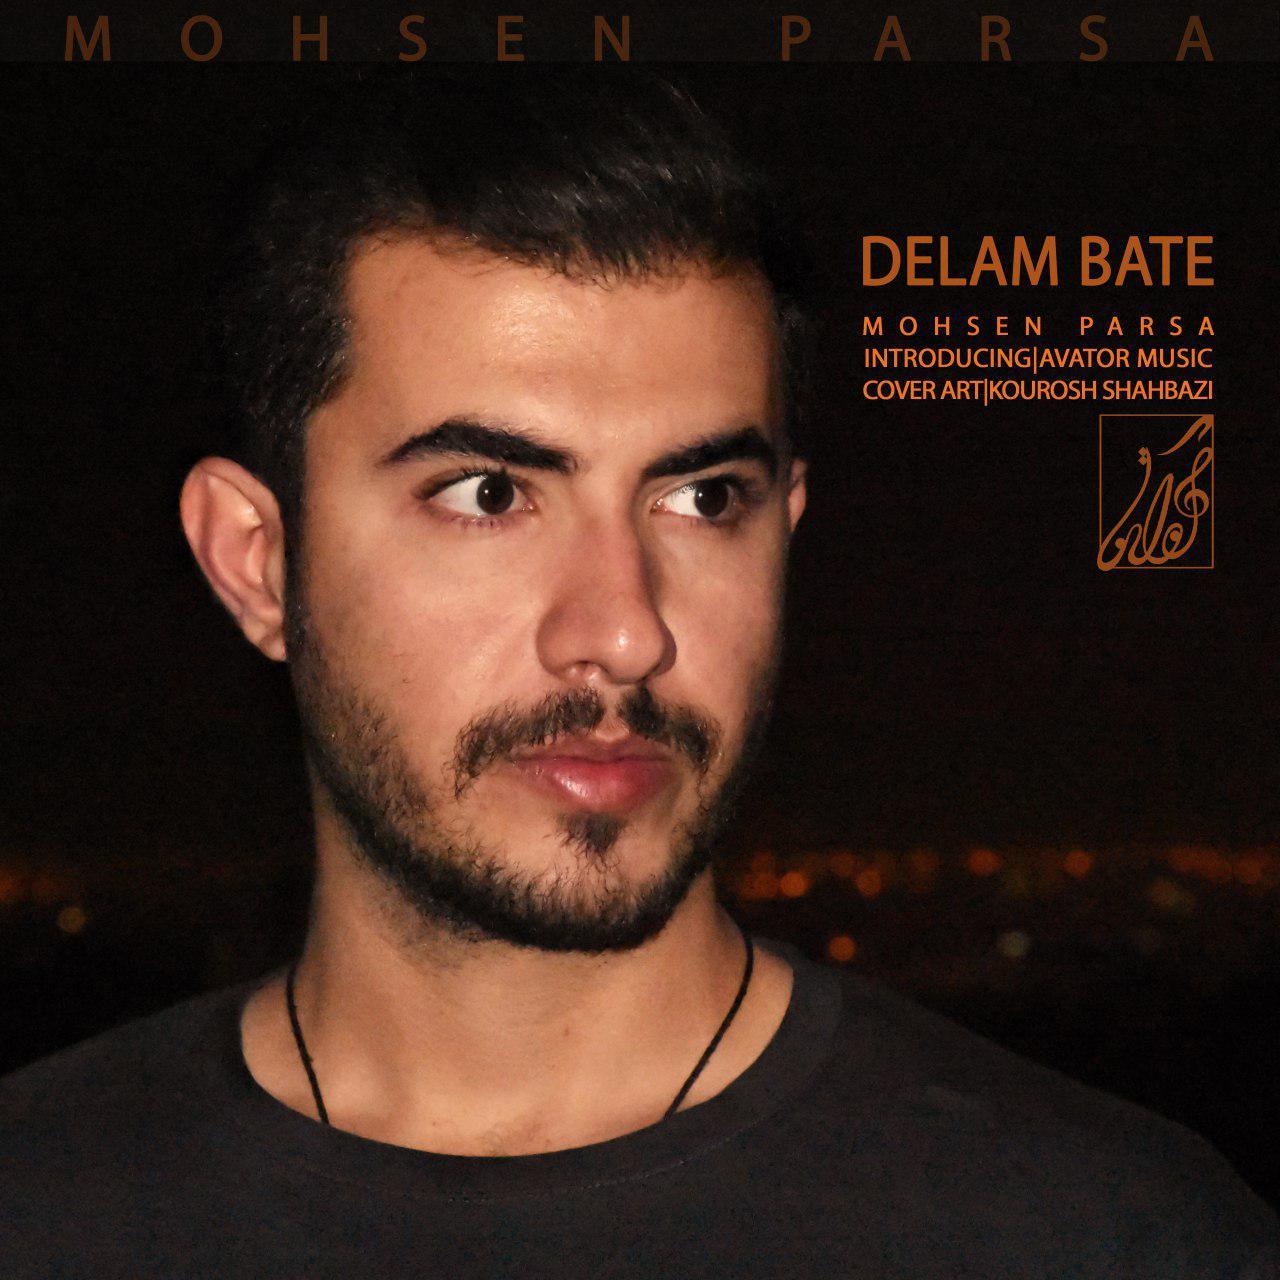 Mohsen Parsa – Delam Bate